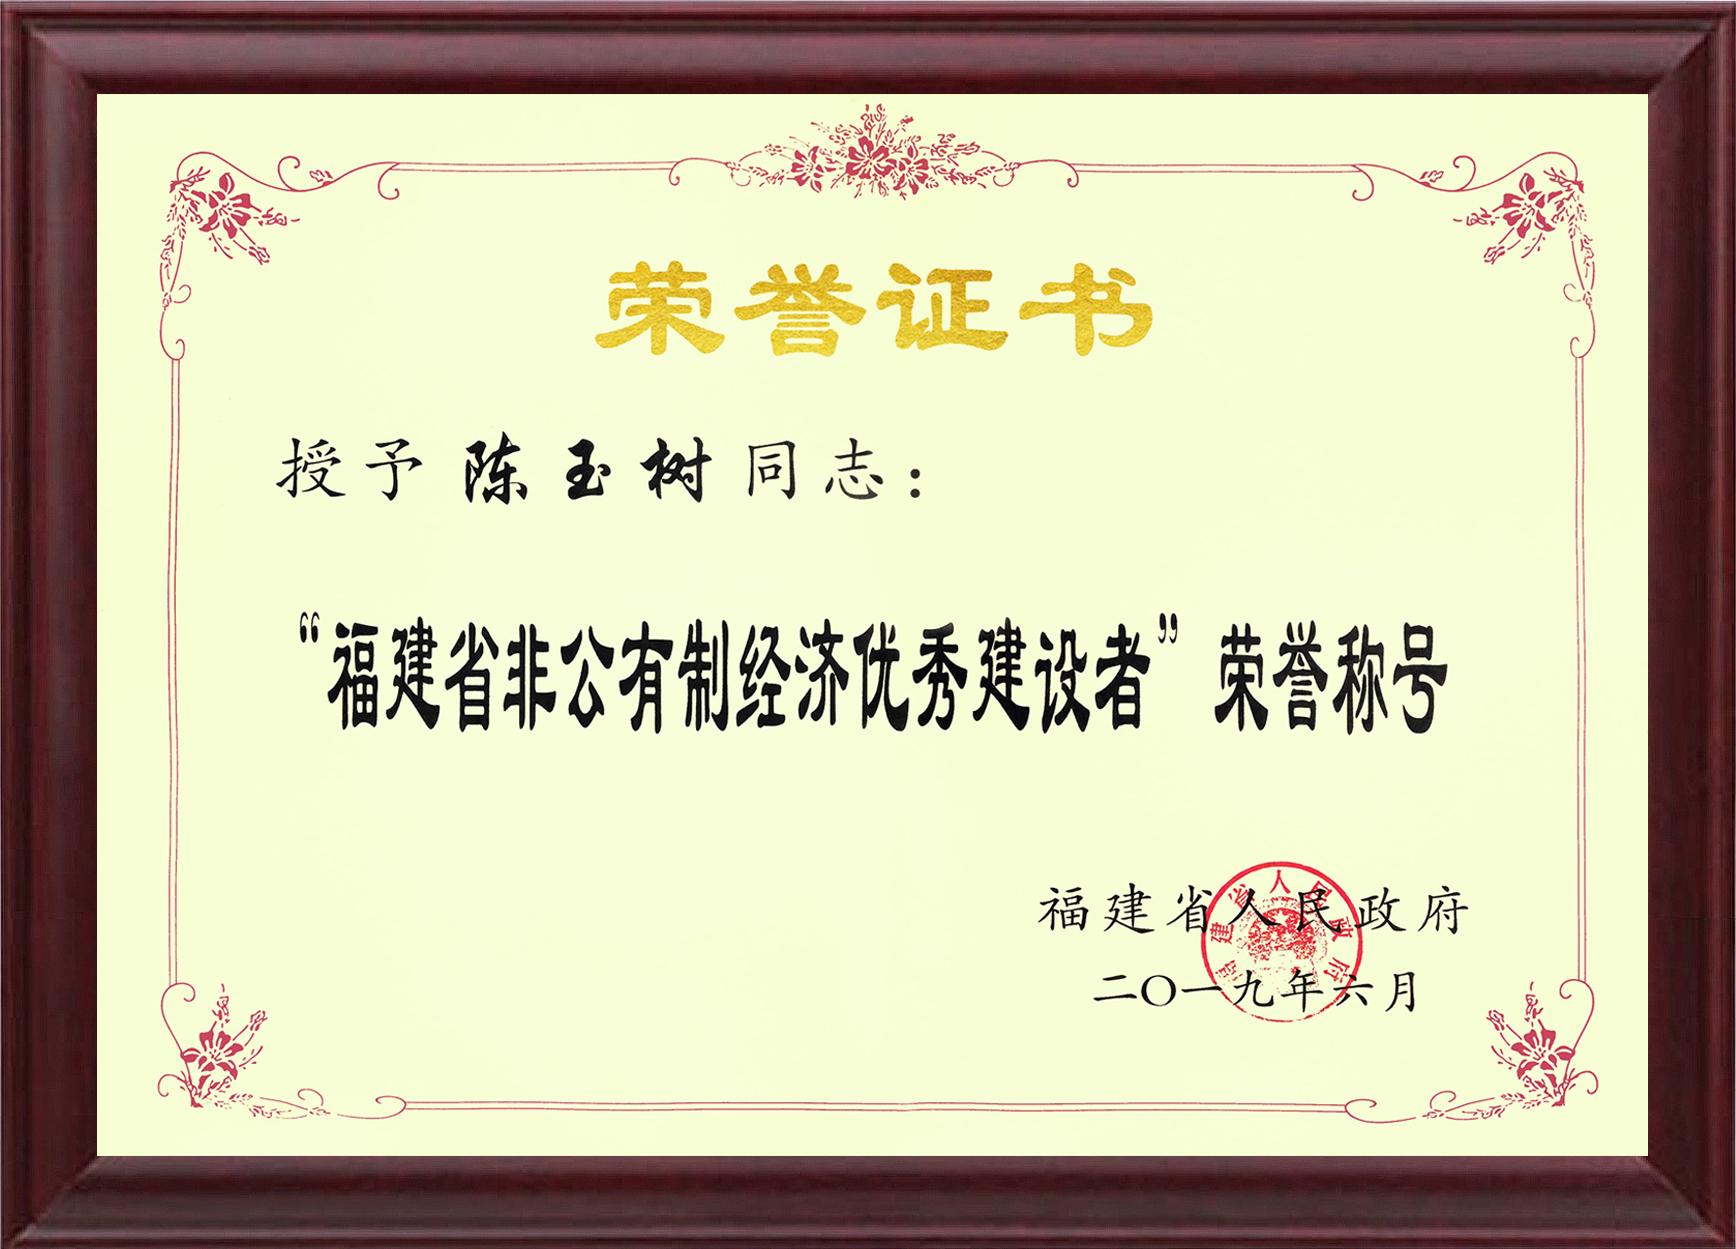 201906陈玉树获得经济优秀建设者证书框22.jpg